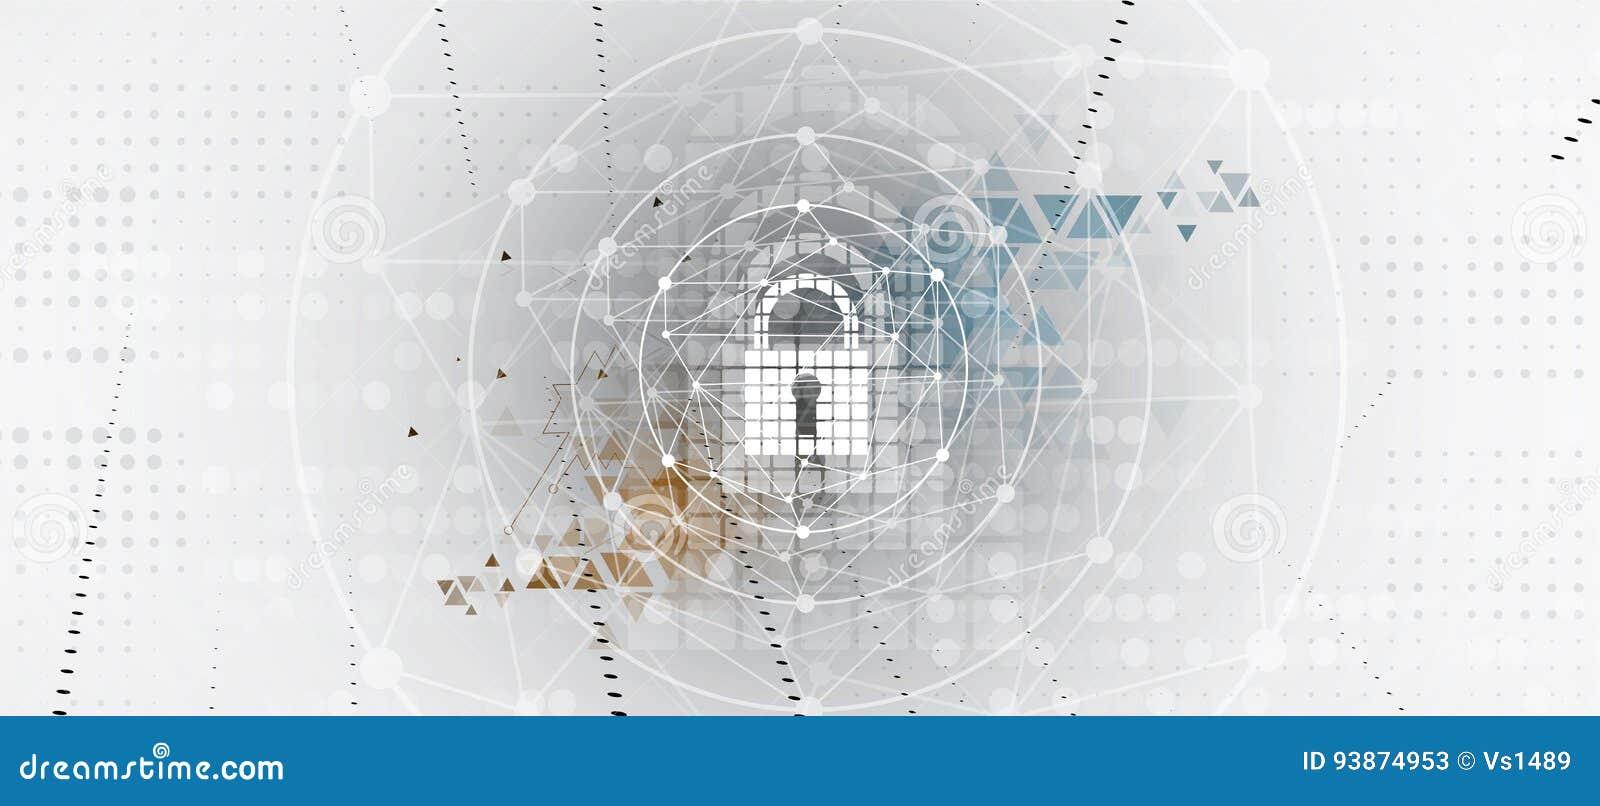 Безопасность кибер и предохранение от информации или сети Будущее техническое